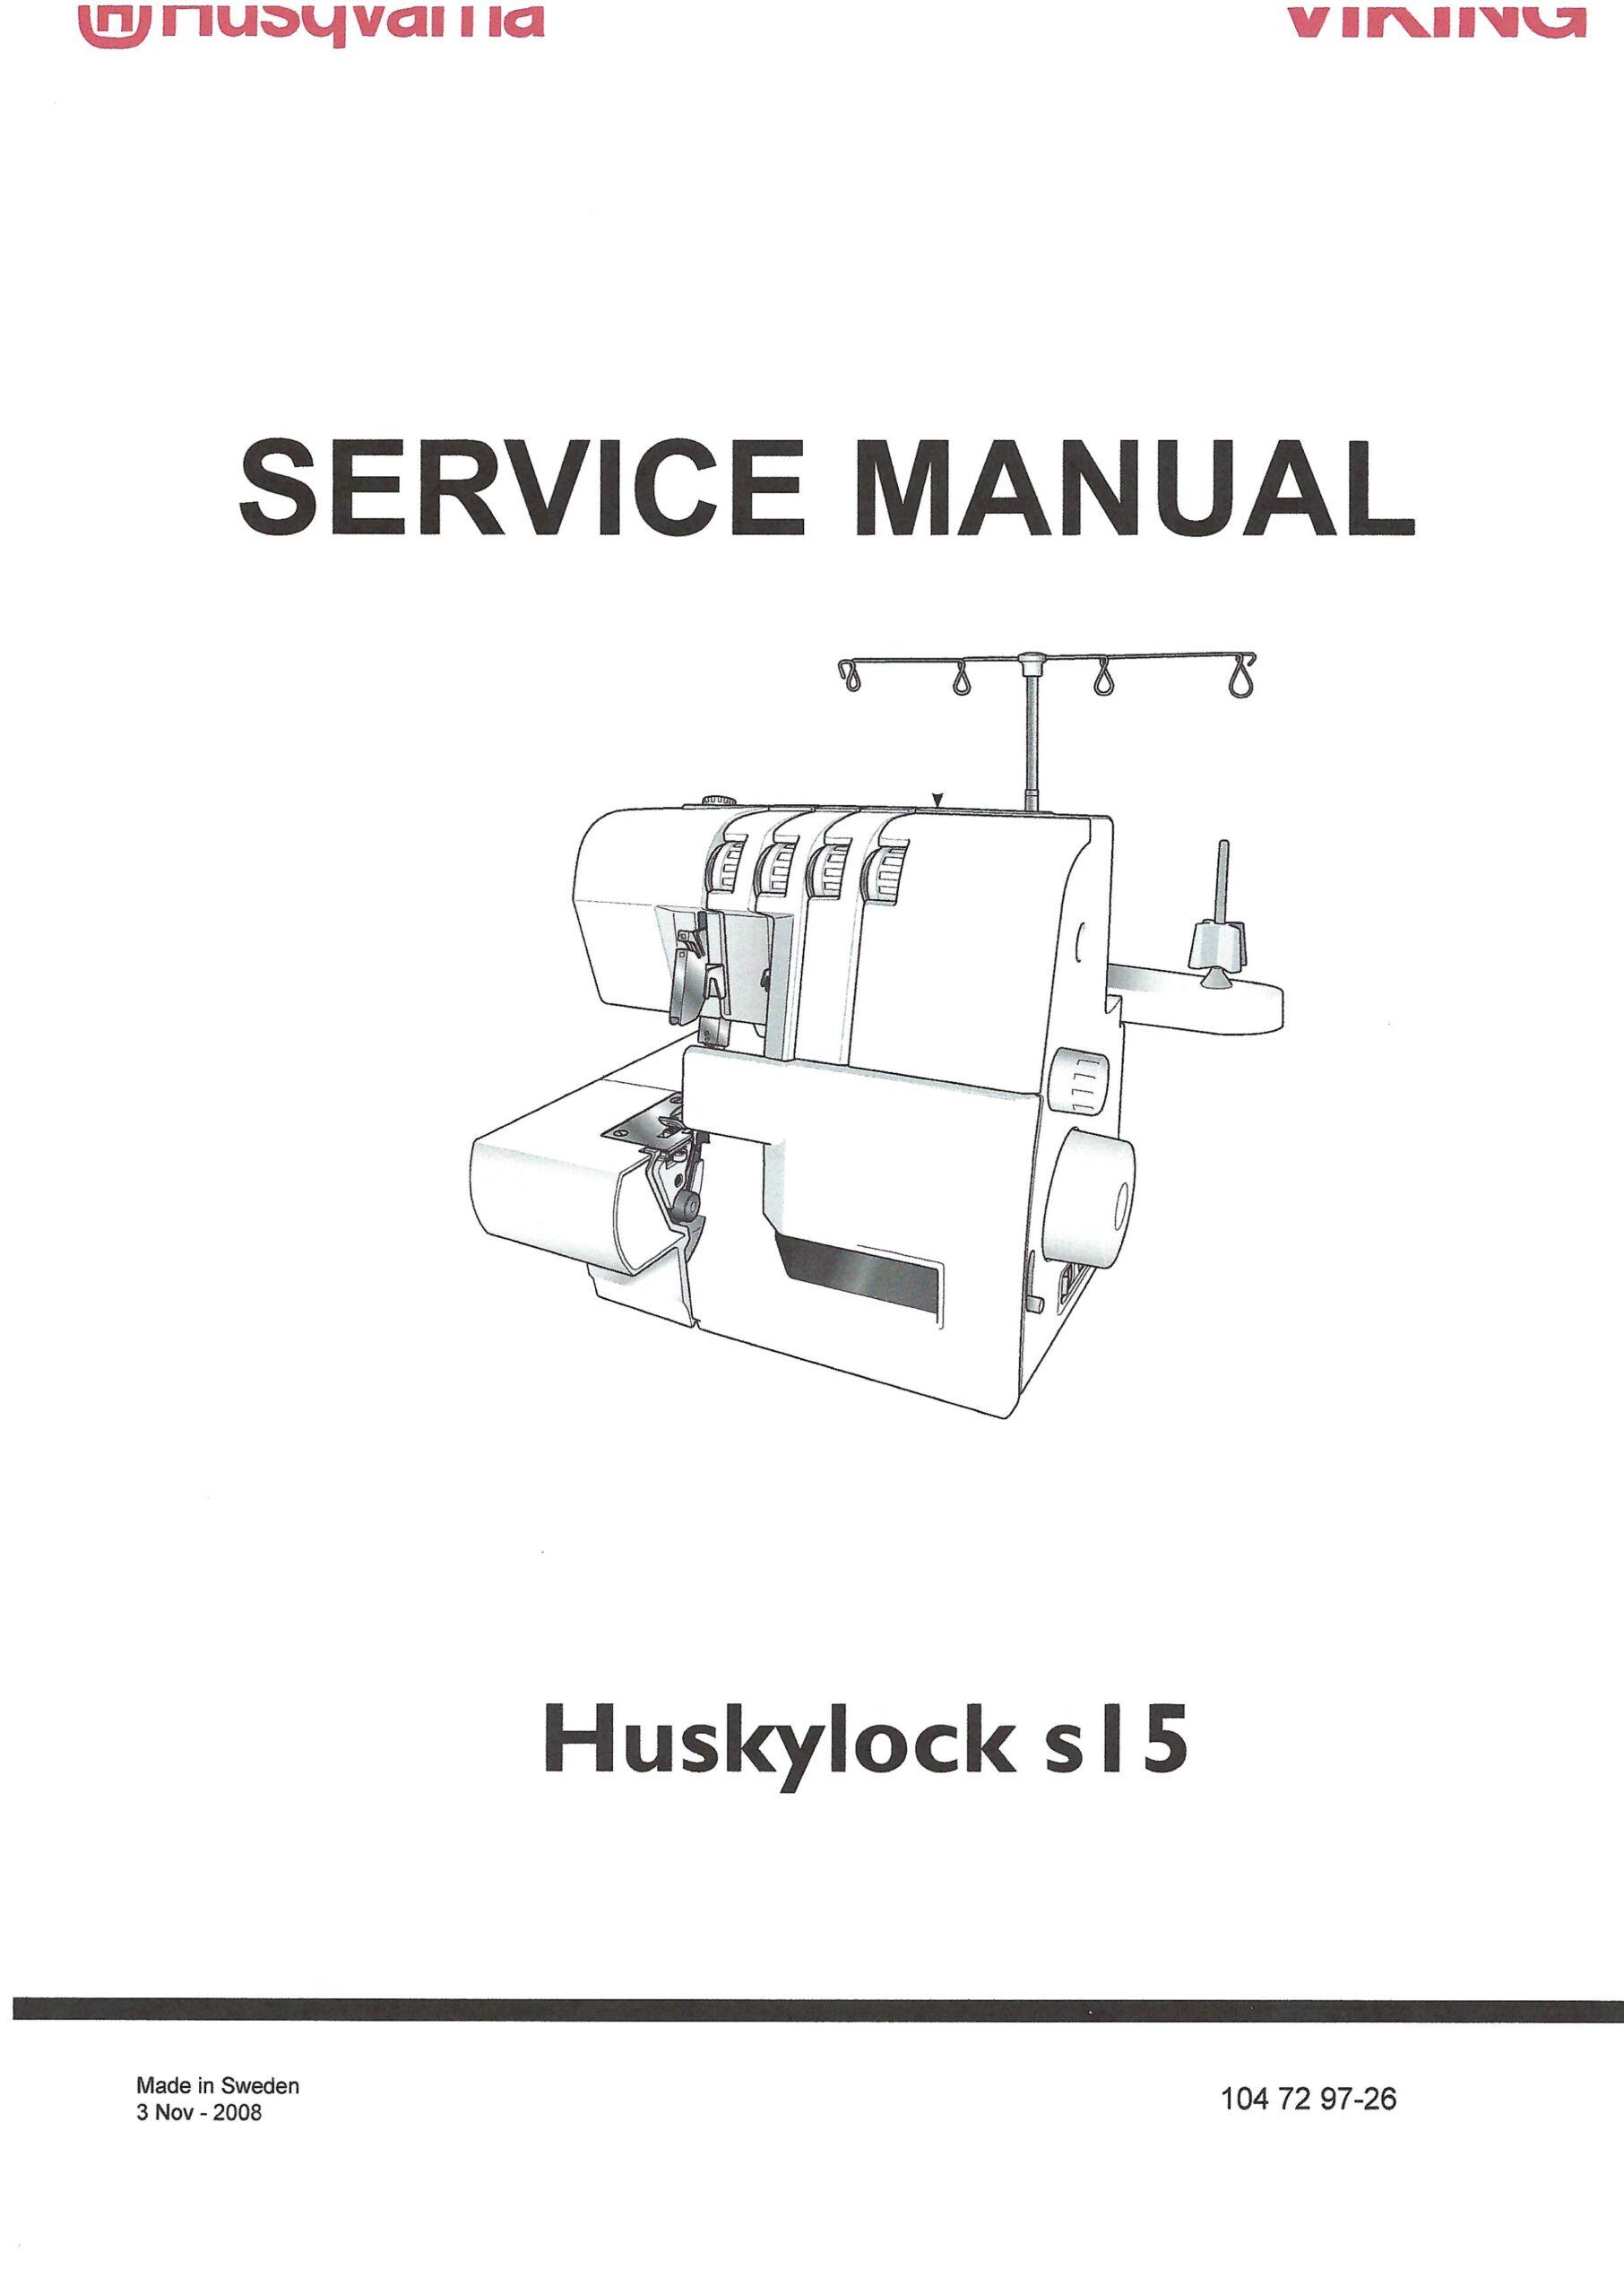 Service Manual Viking Huskylock S-15 Serger Machine